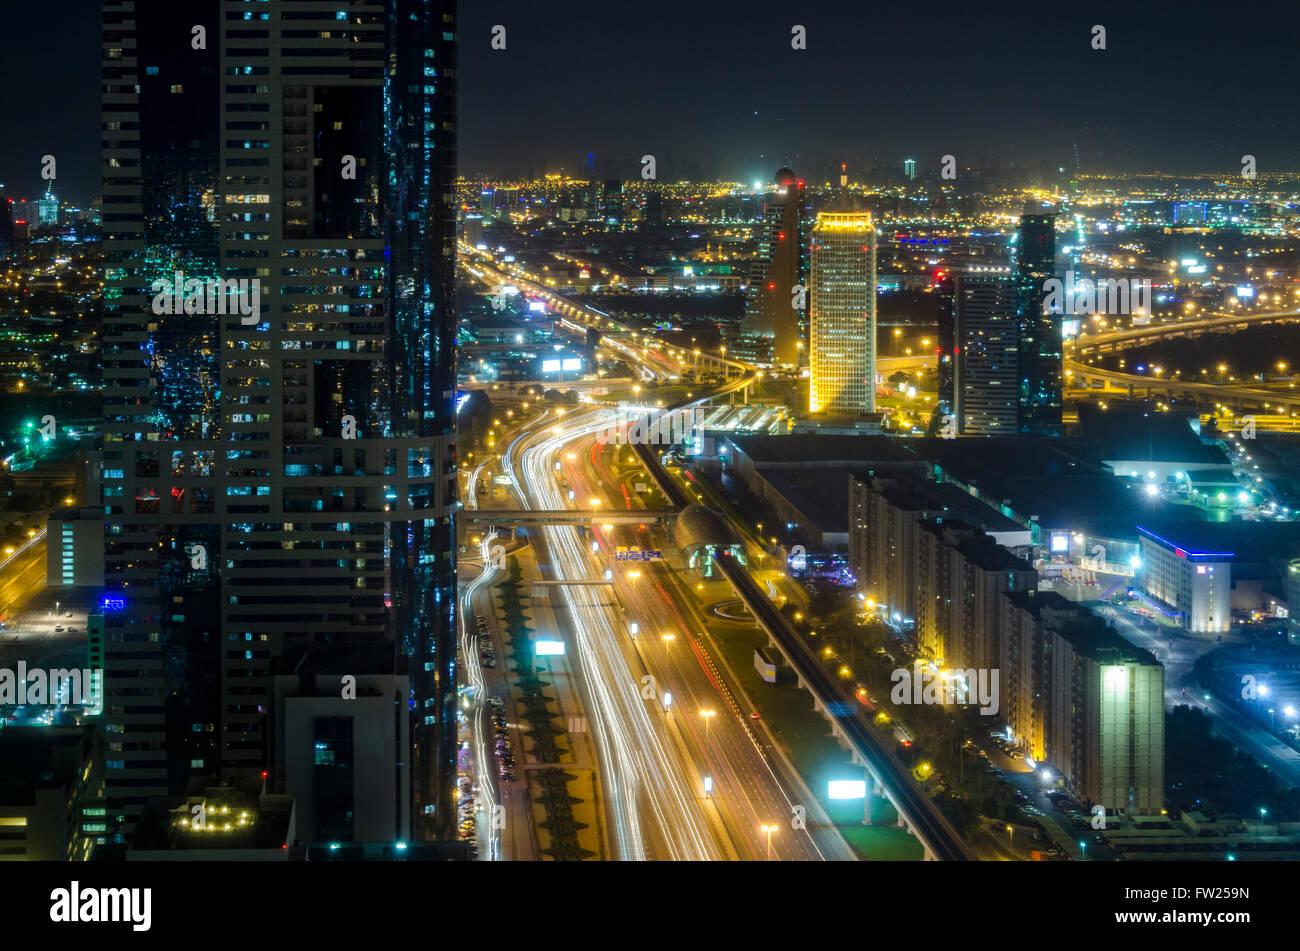 Dubai bei Nacht nach Osten entlang der Sheikh Zayed Road vom U-Bahnhof Emirates Towers entfernt Stockbild